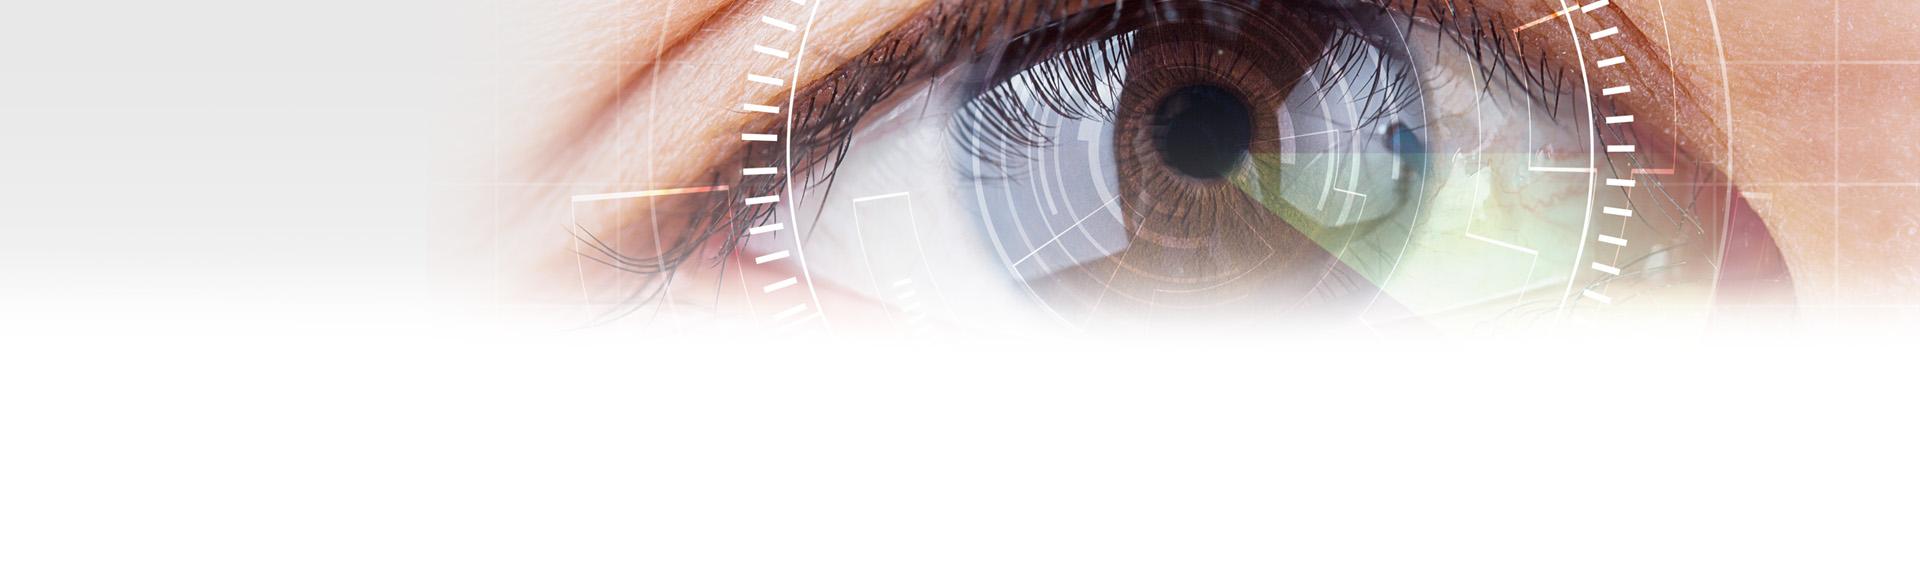 Szara tęczówka ludzkiego oka